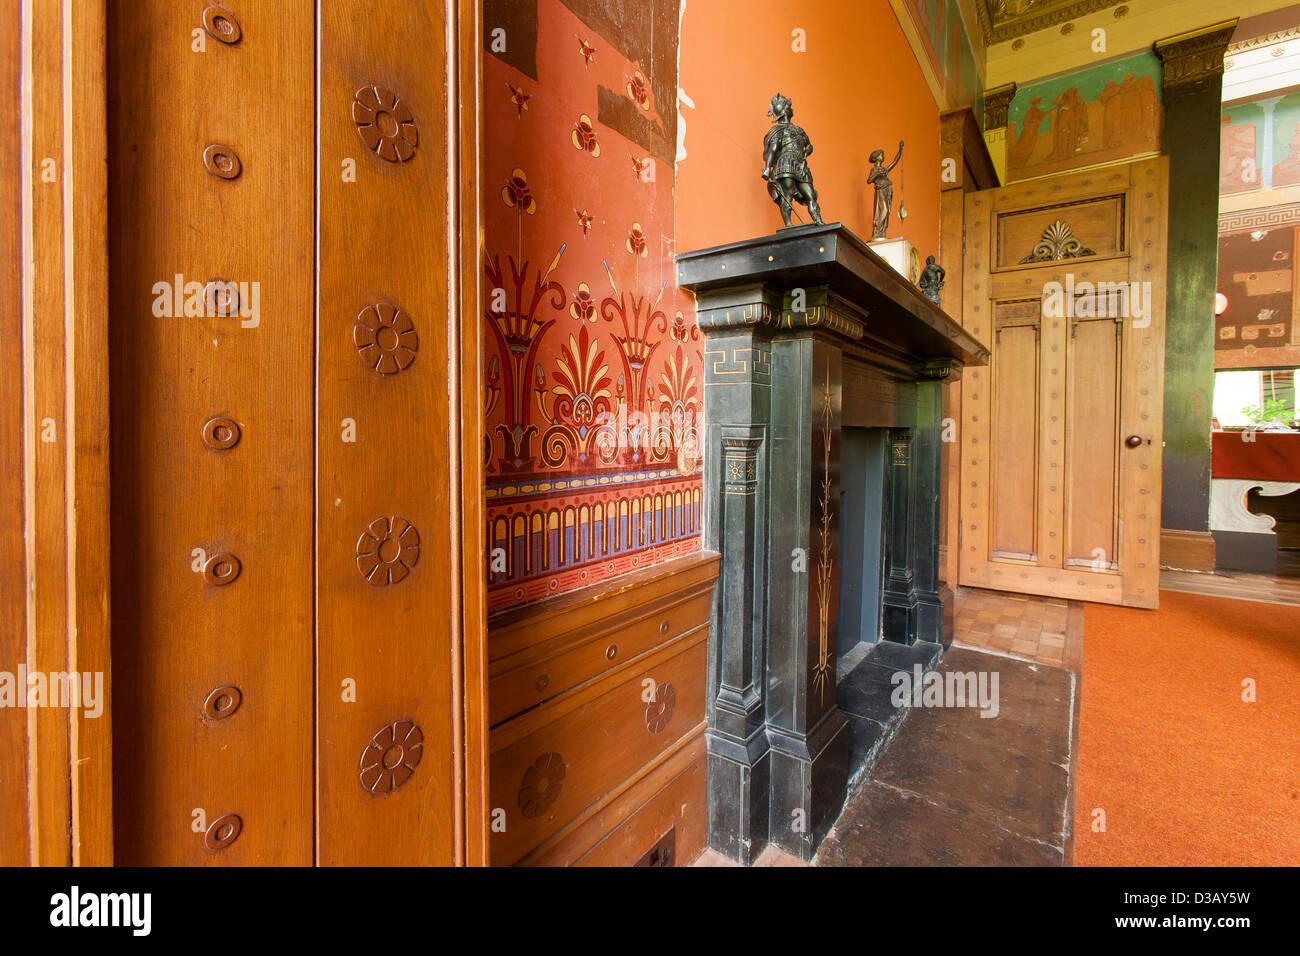 arts and crafts fireplace stock photos u0026 arts and crafts fireplace